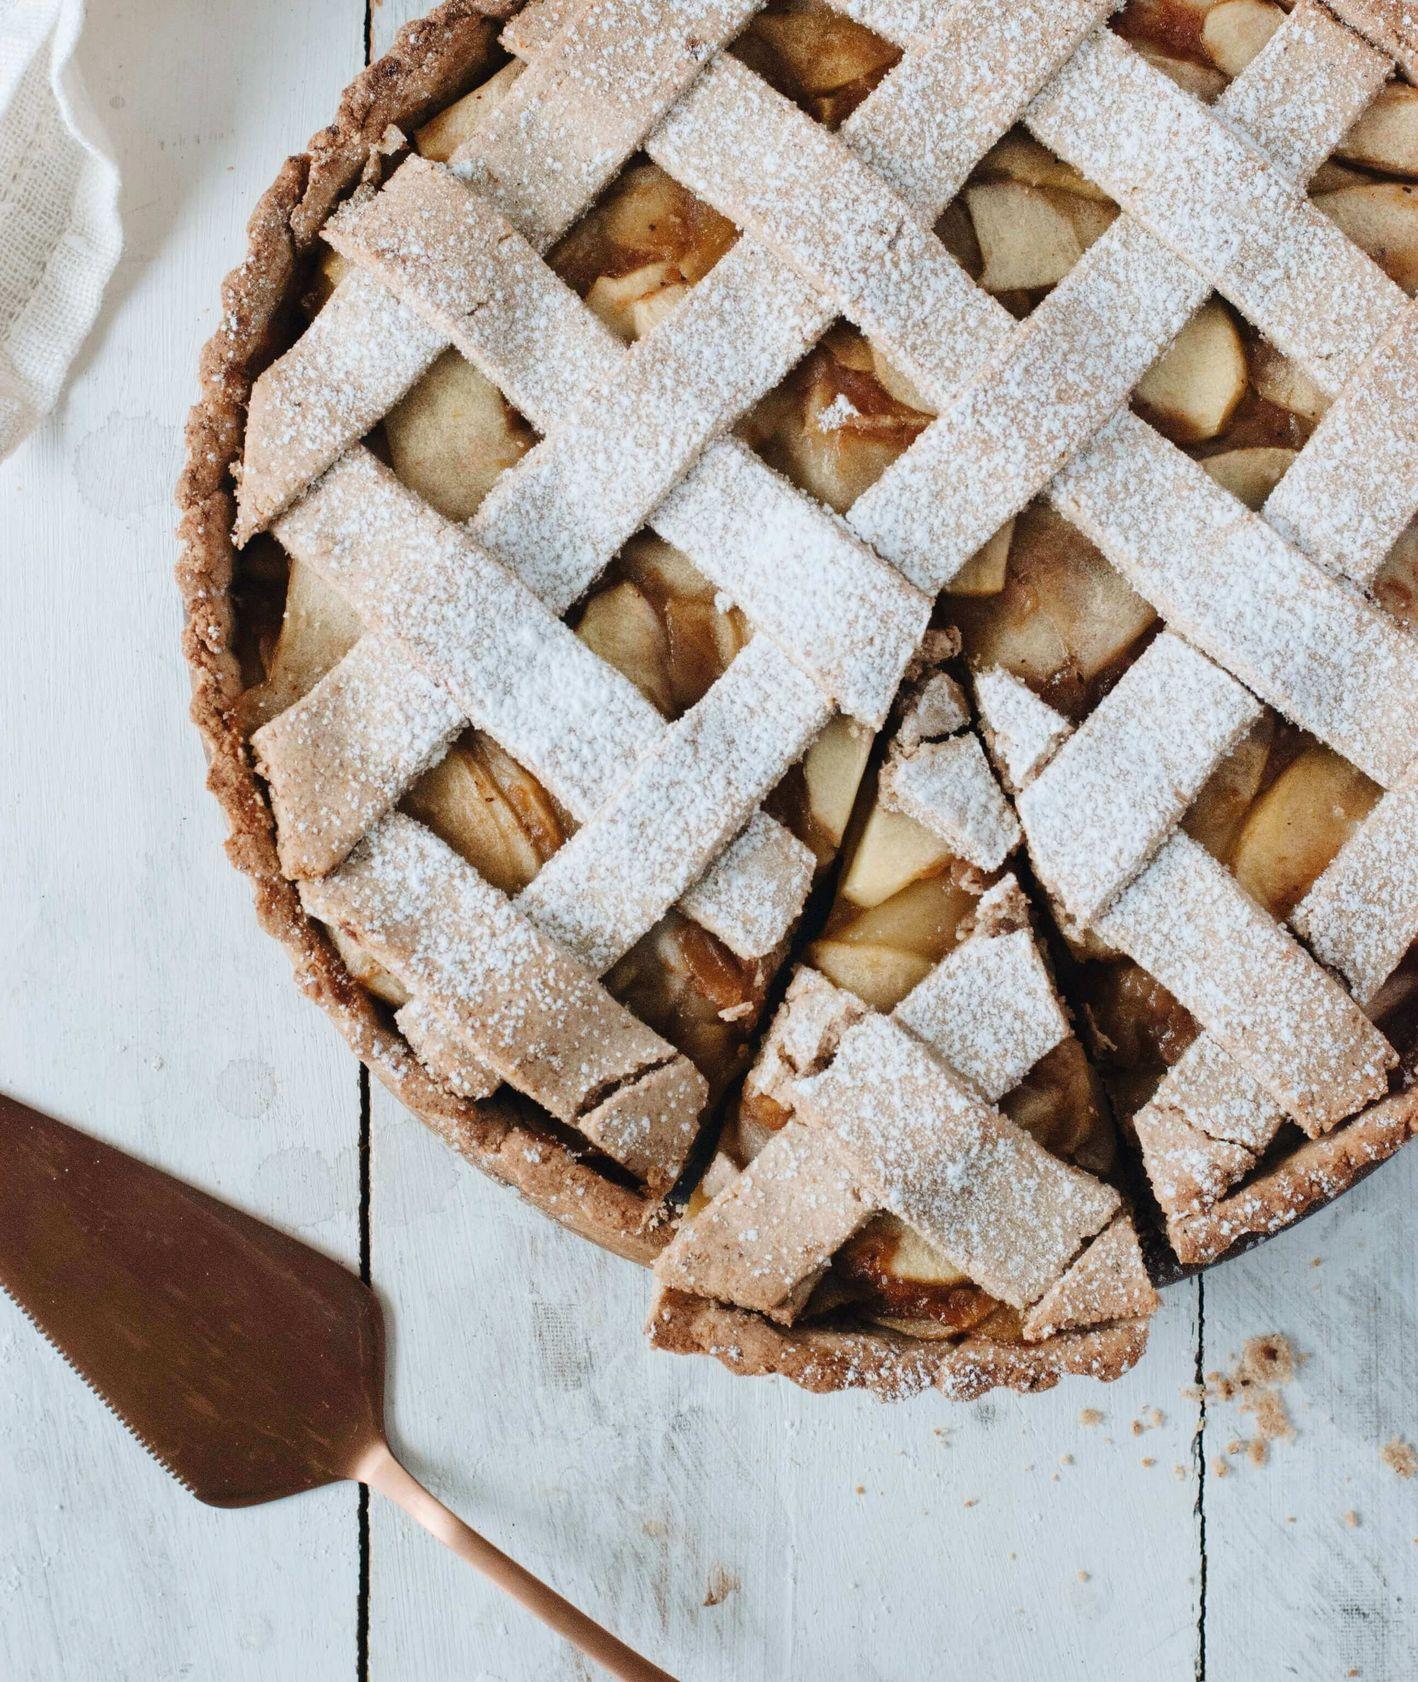 bezglutenowa szarlotka, ciasto bezglutenowe, ciasto z jabłkami, bezglutenowy jabłecznik, przepis Lisia Kawiarenka